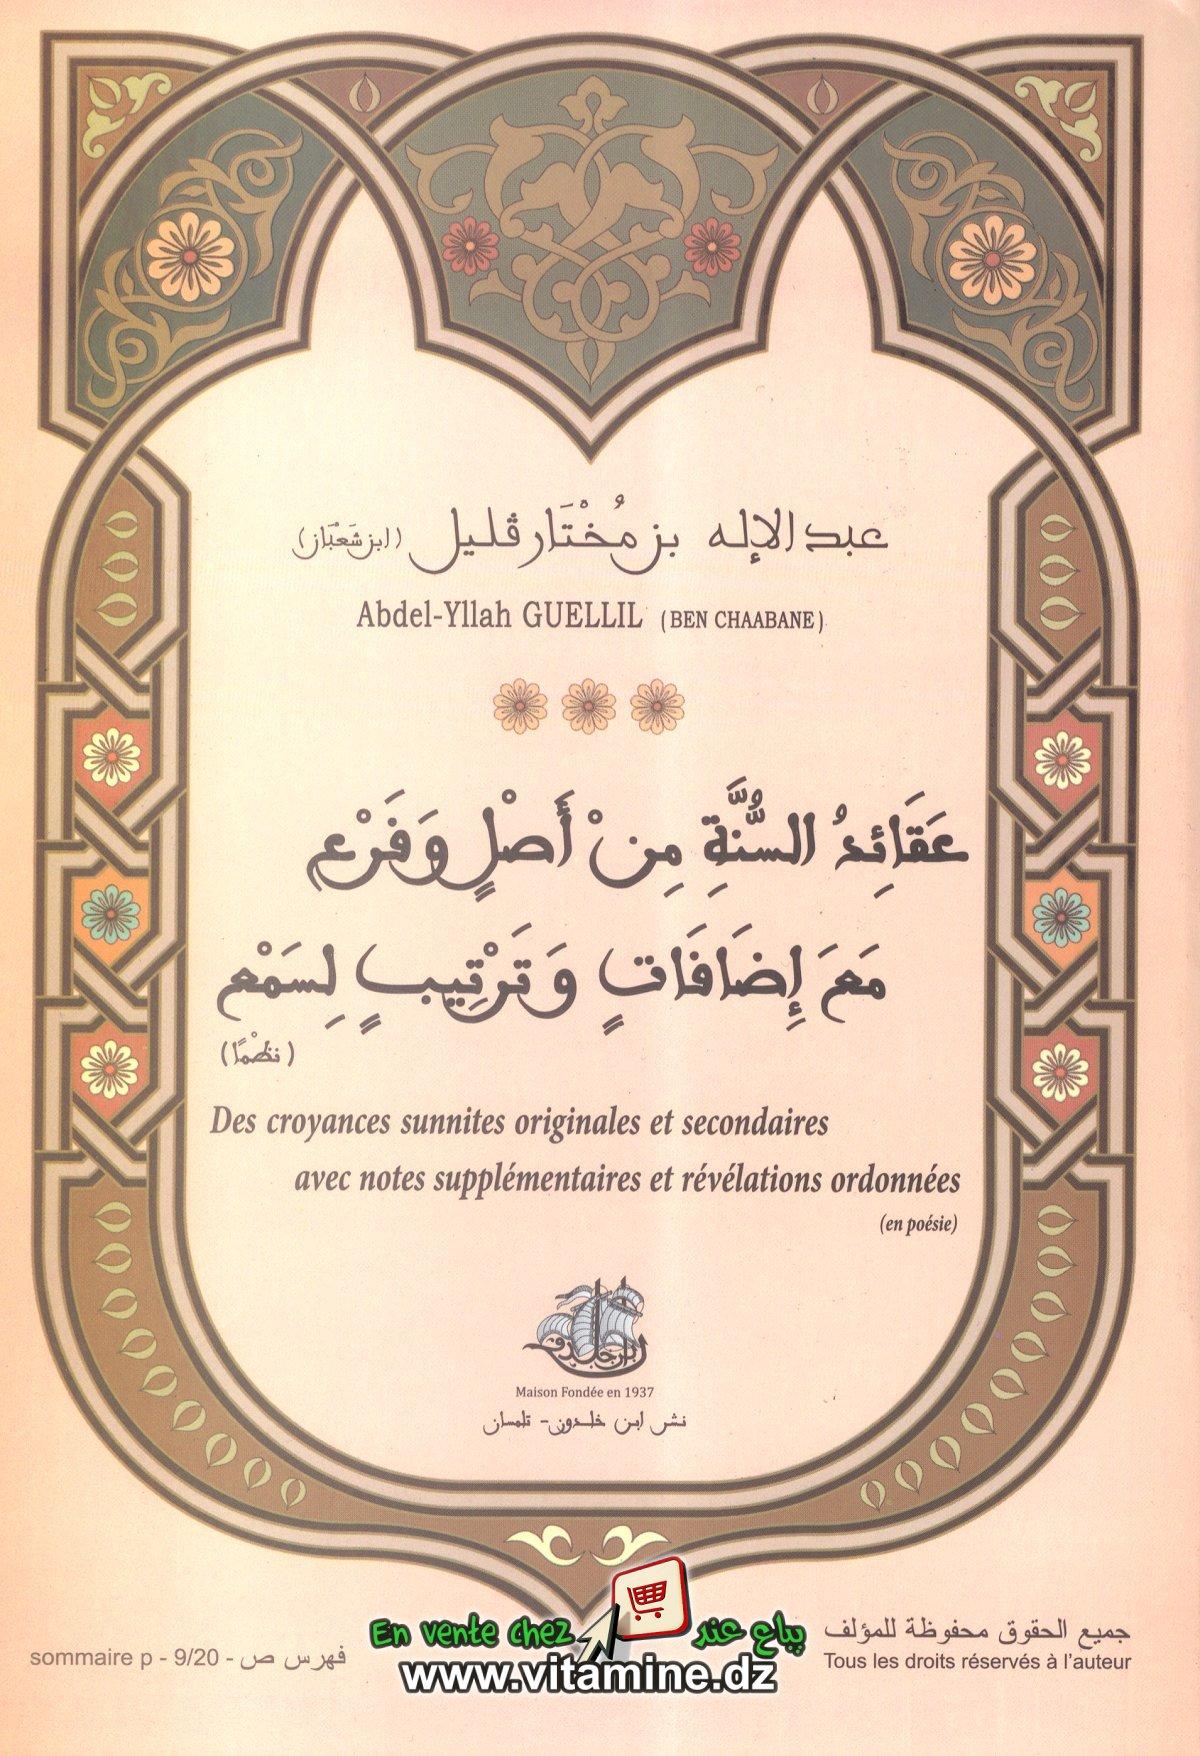 Abdel-Yllah Guellil - Des croyances sunnites originales et secondaires ...